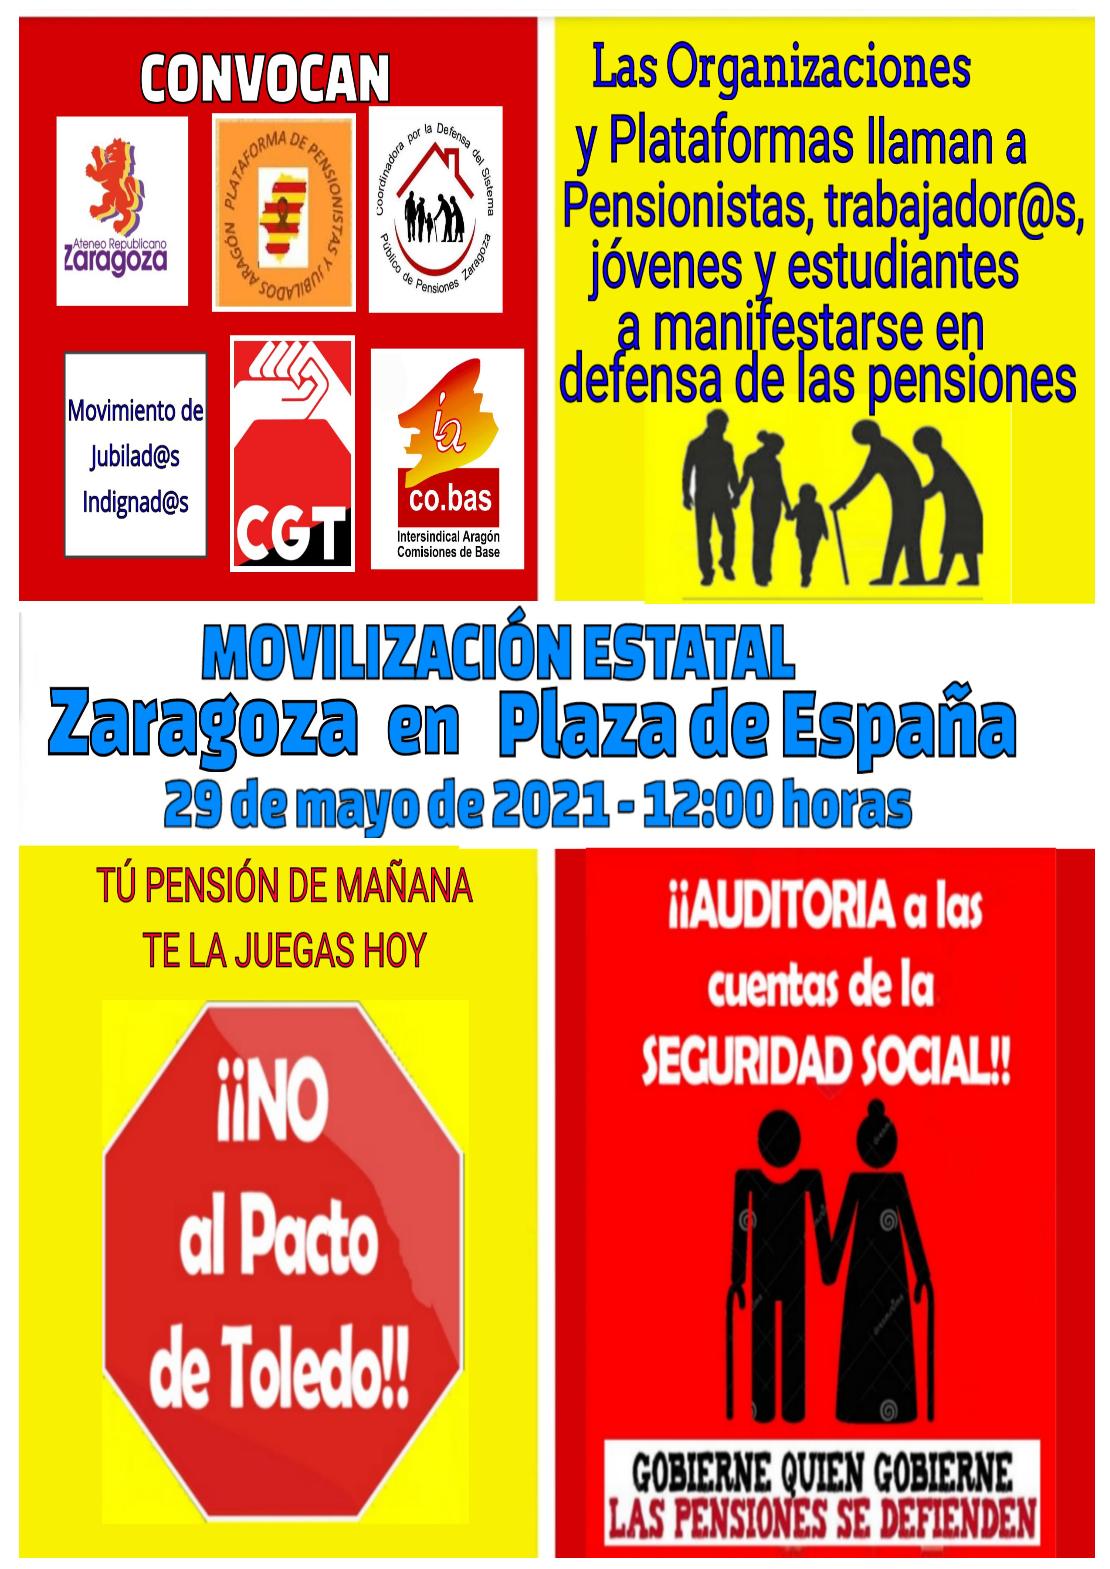 Sábado 29 de Mayo. Grandes movilizaciones de las plataformas de COESPE en todo el país.